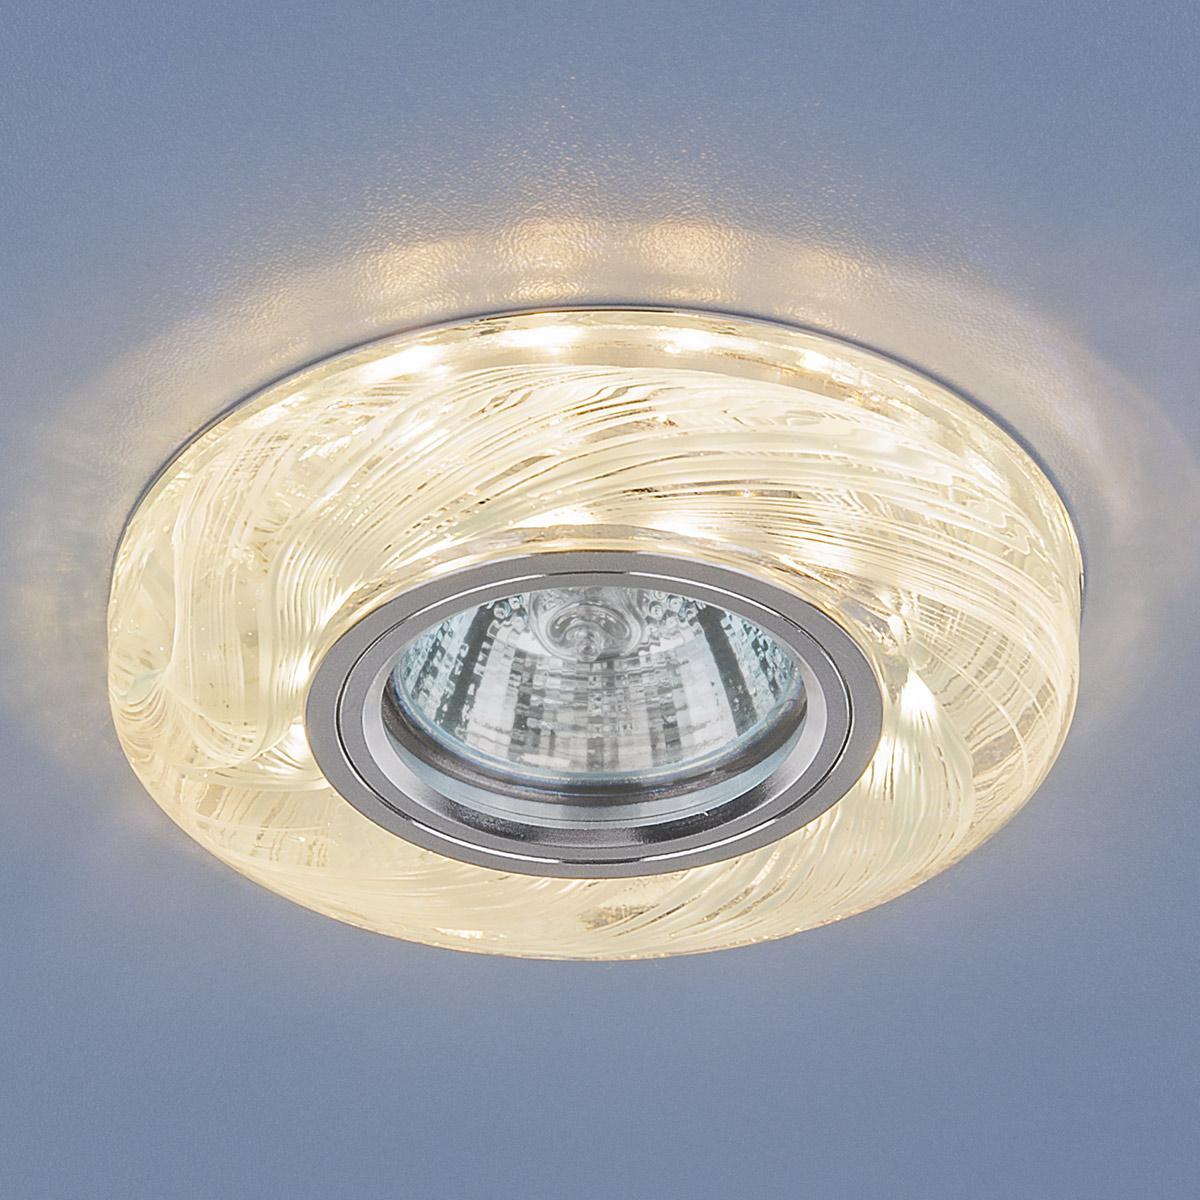 Встраиваемый светильник Elektrostandard 2191 MR16 CL/BL прозрачный/голубой 4690389096112 встраиваемый светильник 2191 mr16 cl gr прозрачный зеленый elektrostandard 1251036